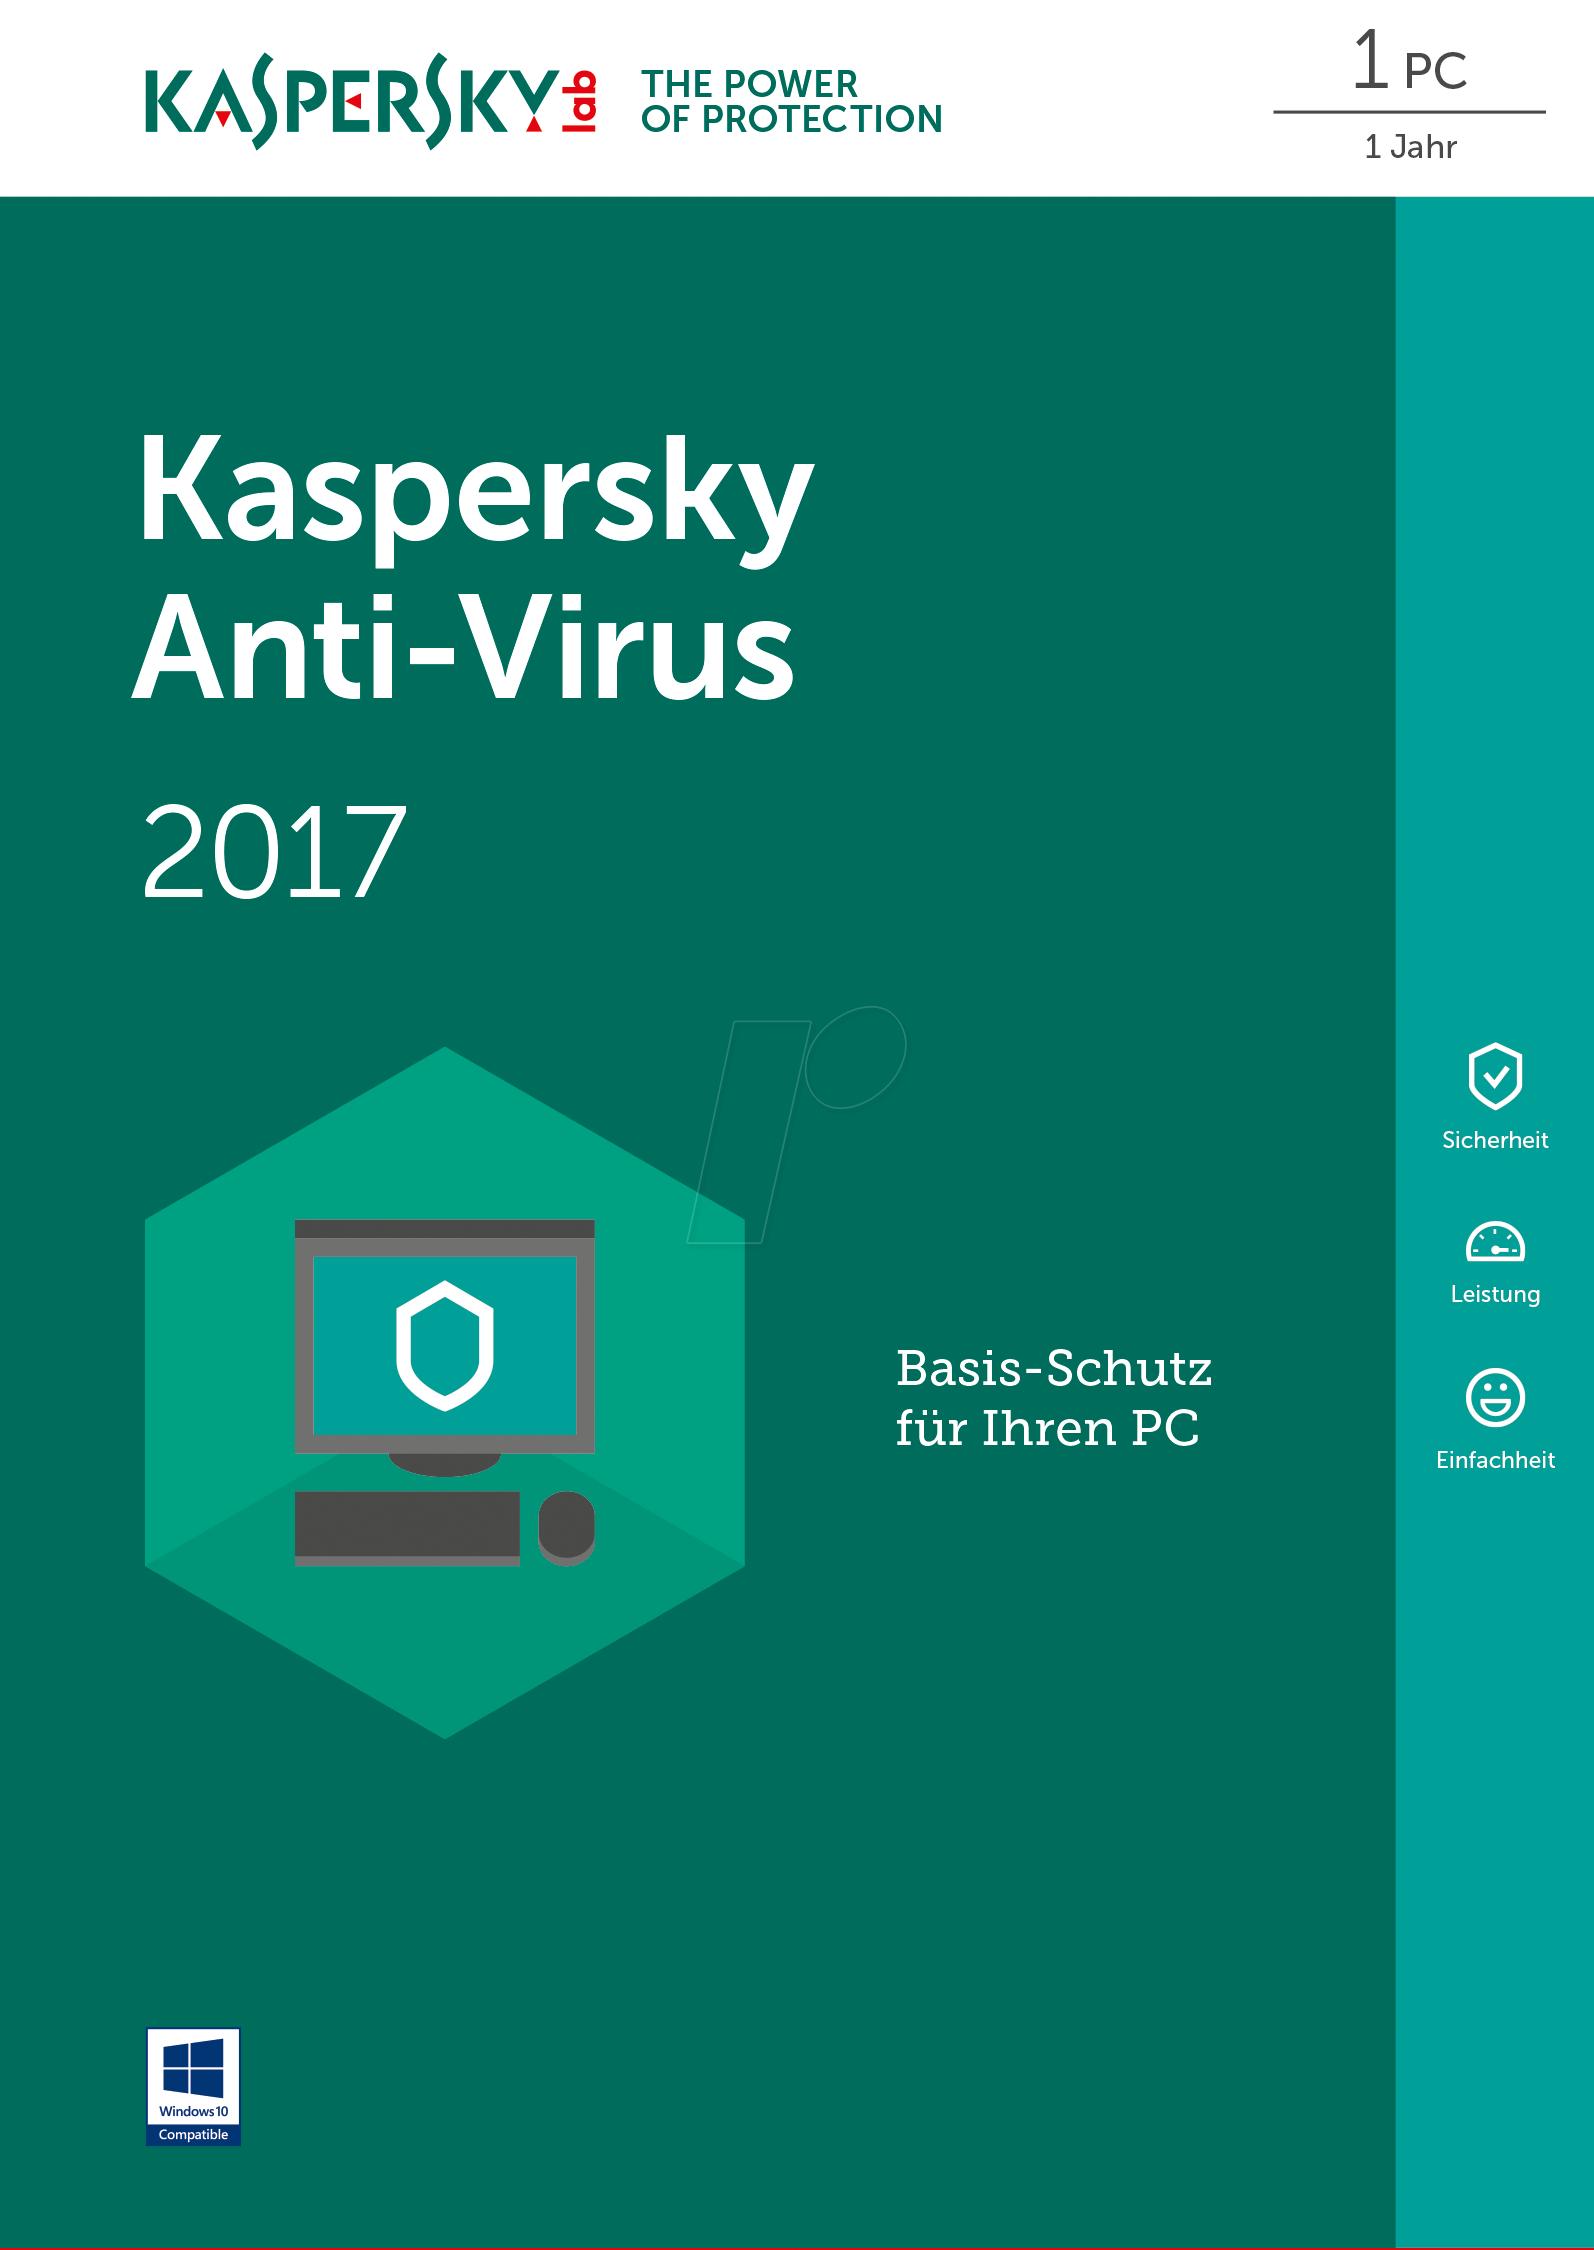 https://cdn-reichelt.de/bilder/web/xxl_ws/G500/KASPERSKY_AV2017_02.png